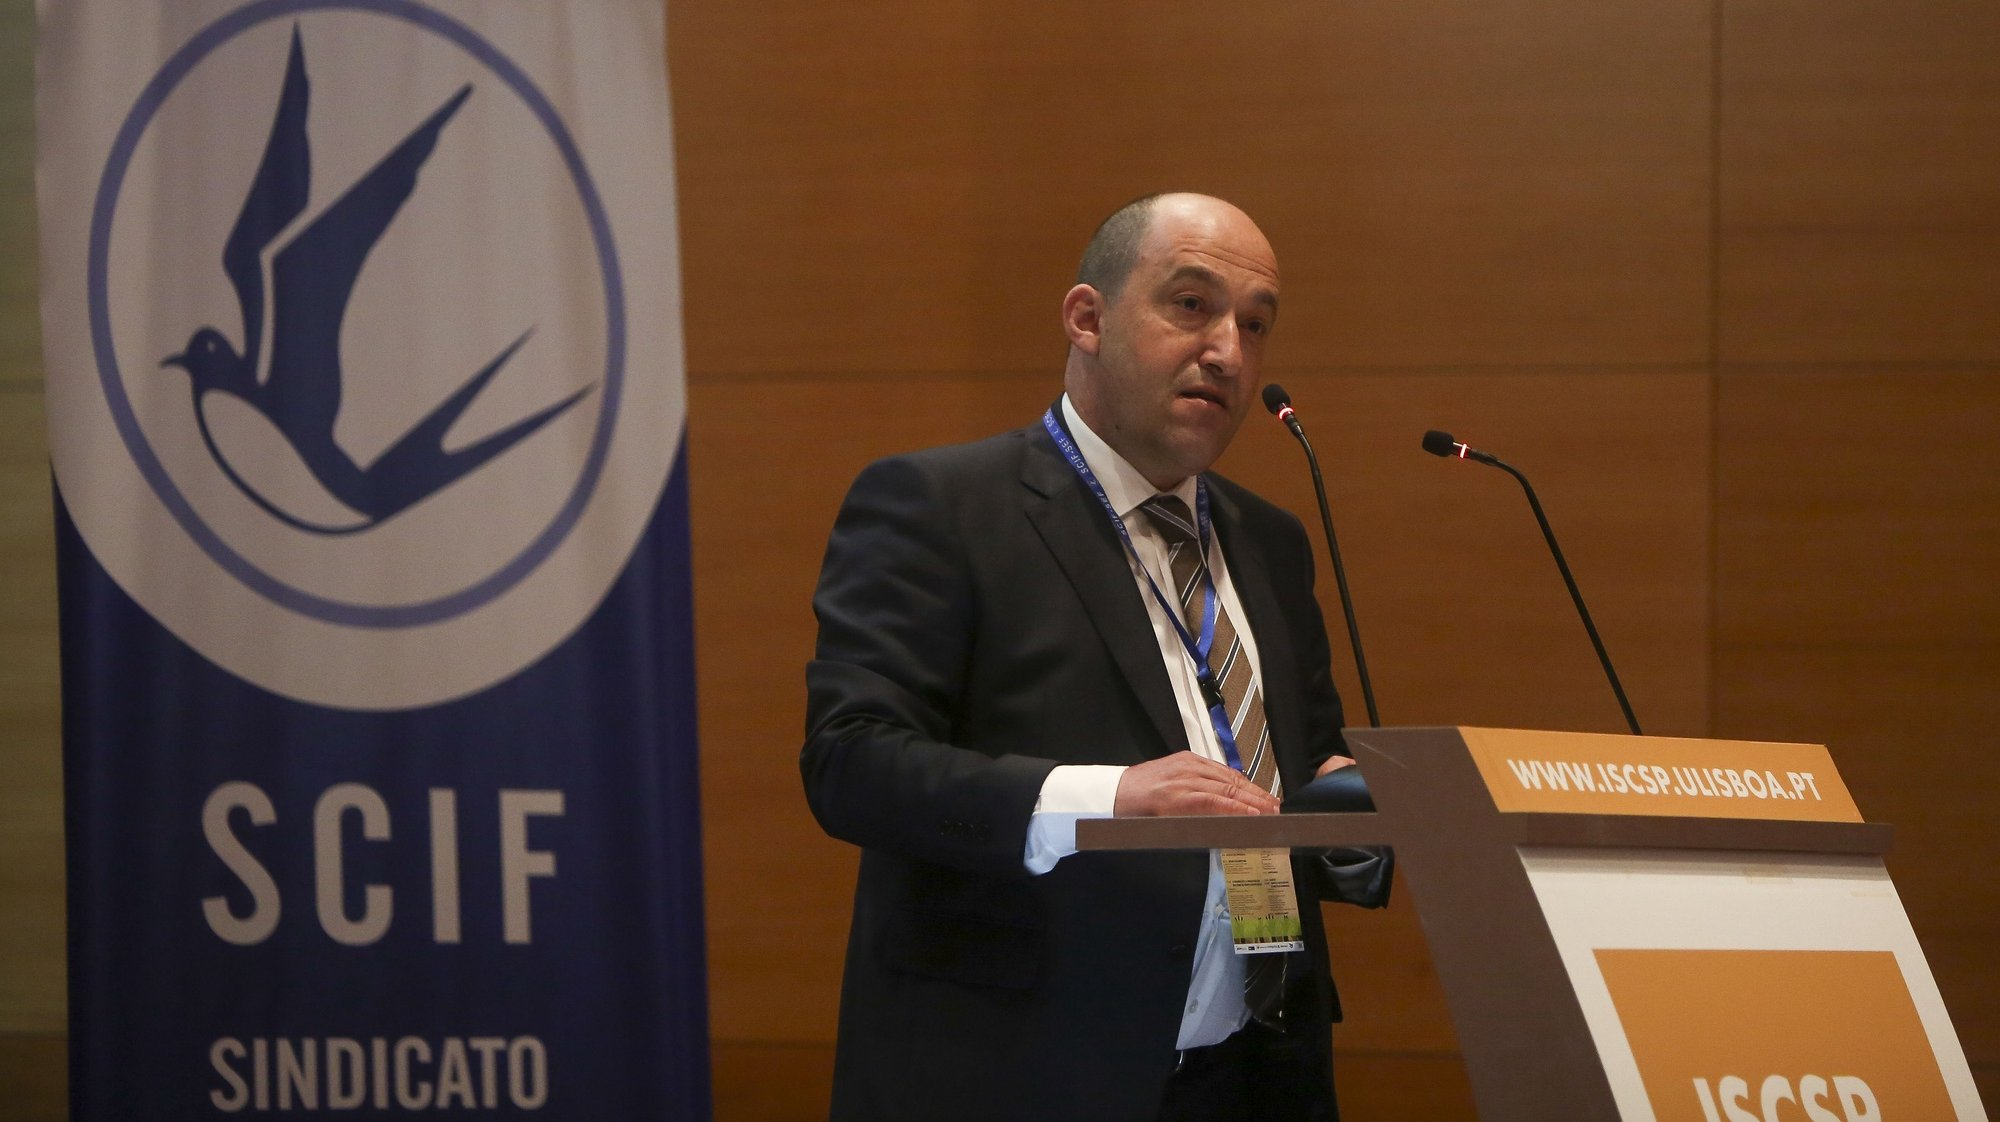 """O presidente do SCIF/SEF, Acácio Pereira, discursa durante a conferência """"Tráfico de seres humanos - o SEF e a luta contra o tráfico de pessoas"""", organizada pelo Sindicato da Carreira de Investigação e Fiscalização do Serviço de Estrangeiros e Fronteiras (SCIF/SEF), em Lisboa, 27 de abril de 2018. NUNO FOX/LUSA"""